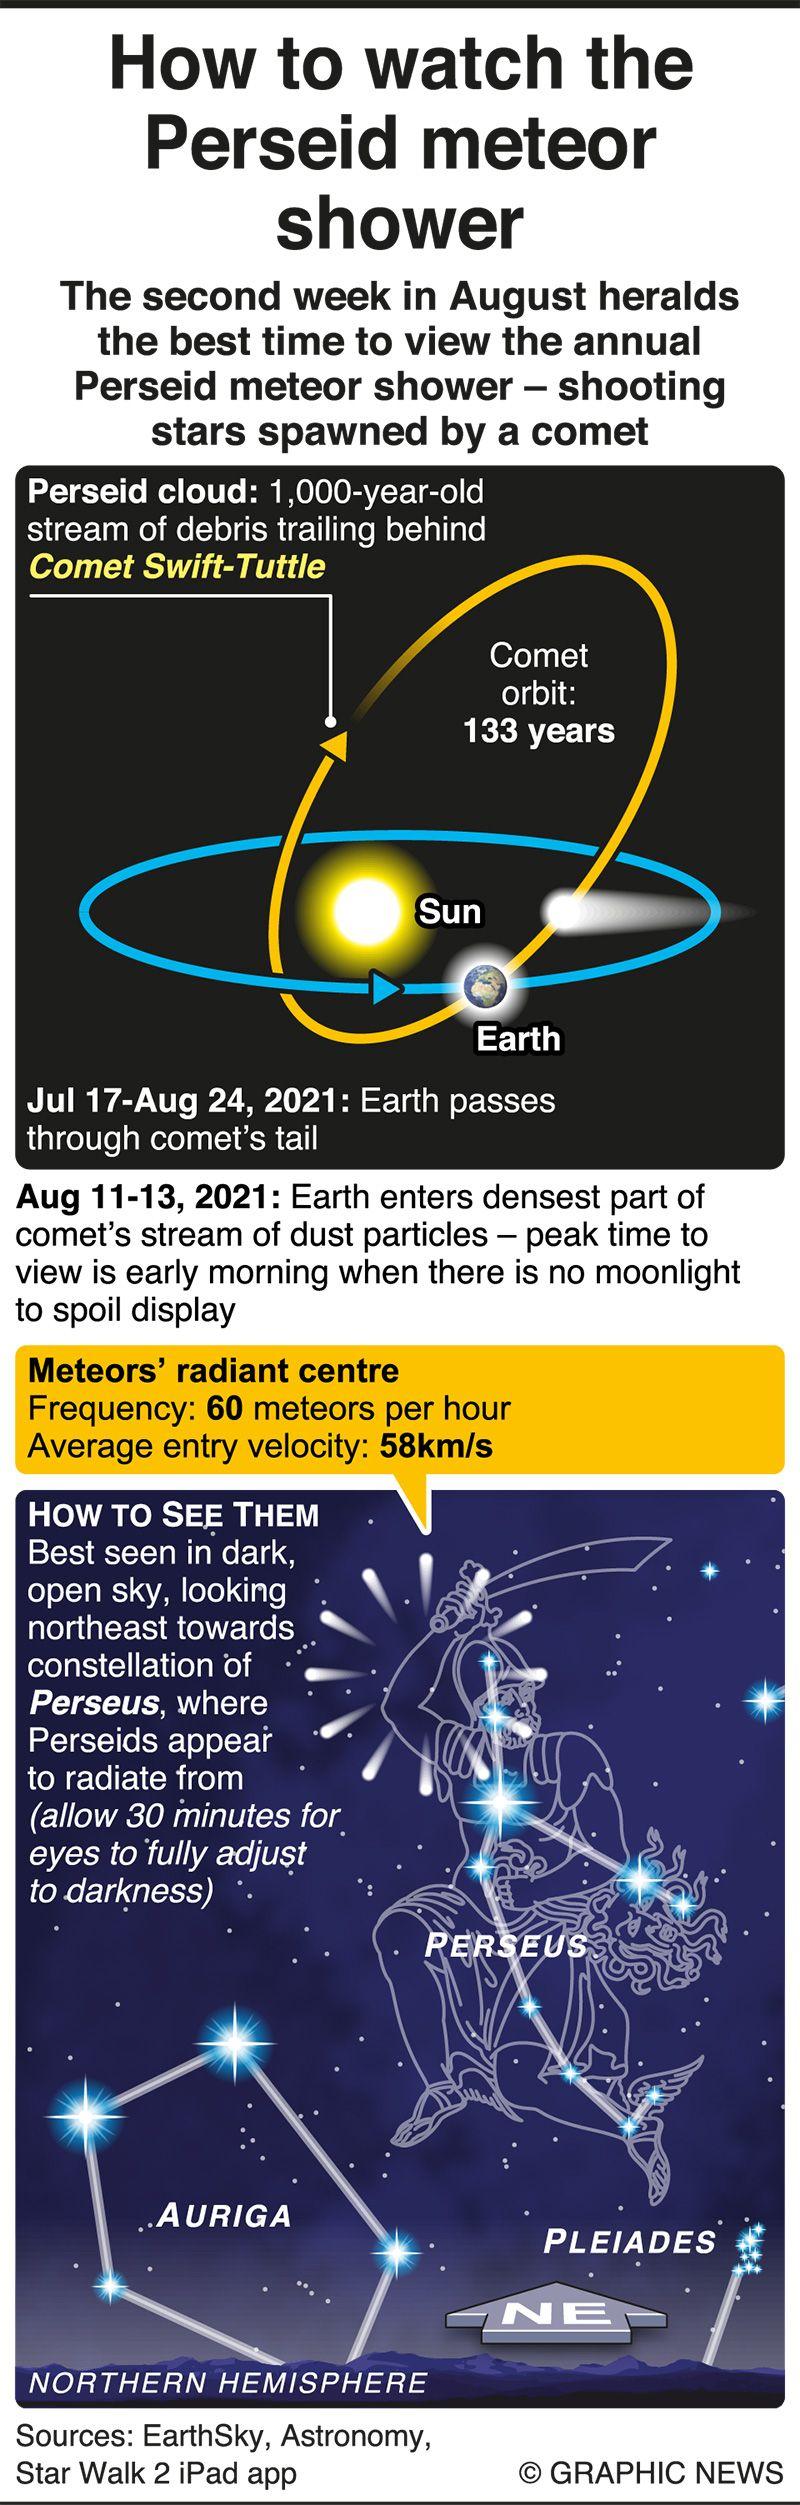 Perseid meteor shower to peak mid-August